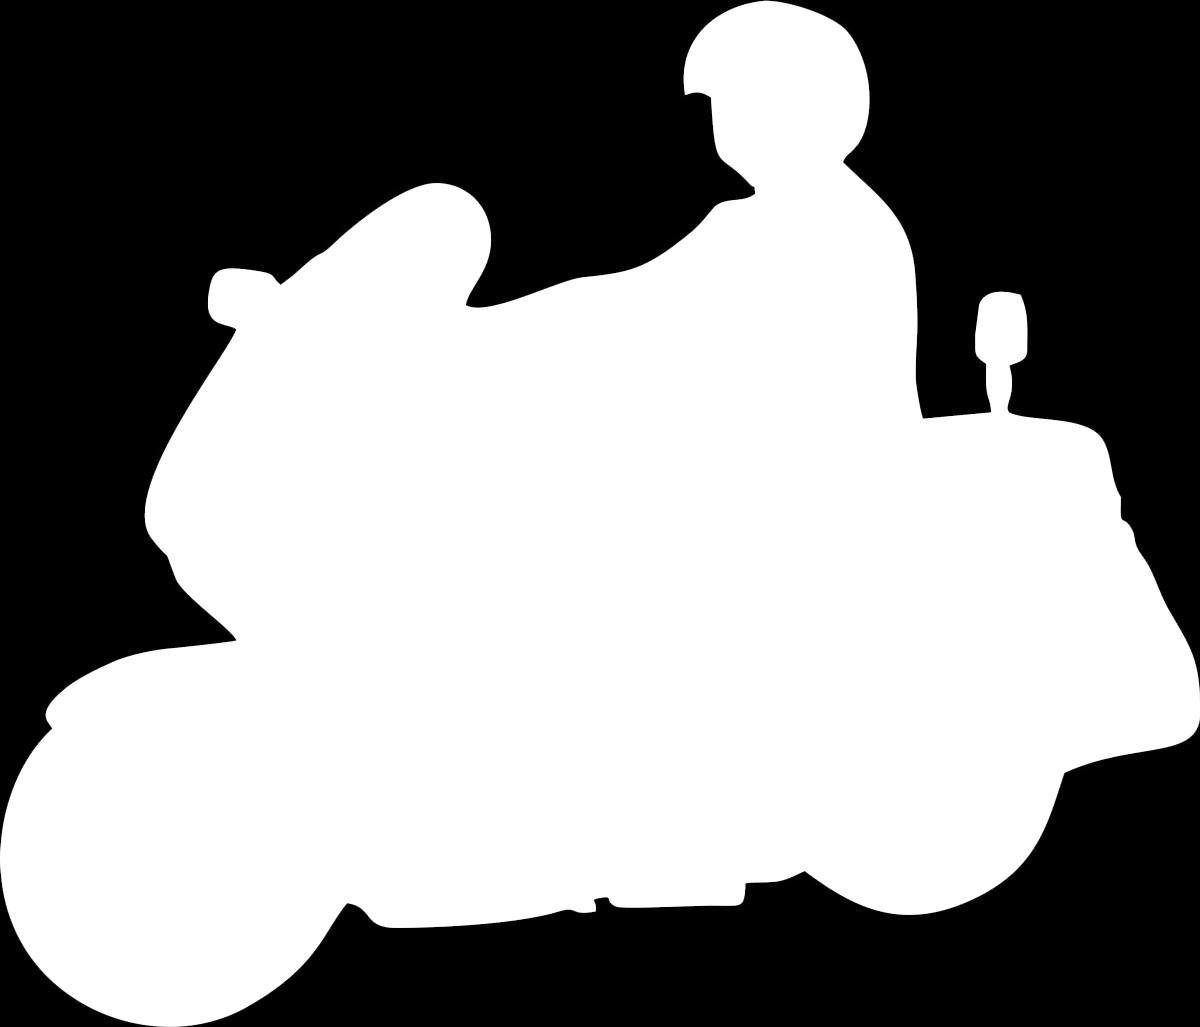 Наклейка автомобильная Оранжевый слоник Мотоциклист 12, виниловая, цвет: белый150MT00012WОригинальная наклейка Оранжевый слоник Мотоциклист 12 изготовлена из высококачественной виниловой пленки, которая выполняет не только декоративную функцию, но и защищает кузов автомобиля от небольших механических повреждений, либо скрывает уже существующие.Виниловые наклейки на автомобиль - это не только красиво, но еще и быстро! Всего за несколько минут вы можете полностью преобразить свой автомобиль, сделать его ярким, необычным, особенным и неповторимым!